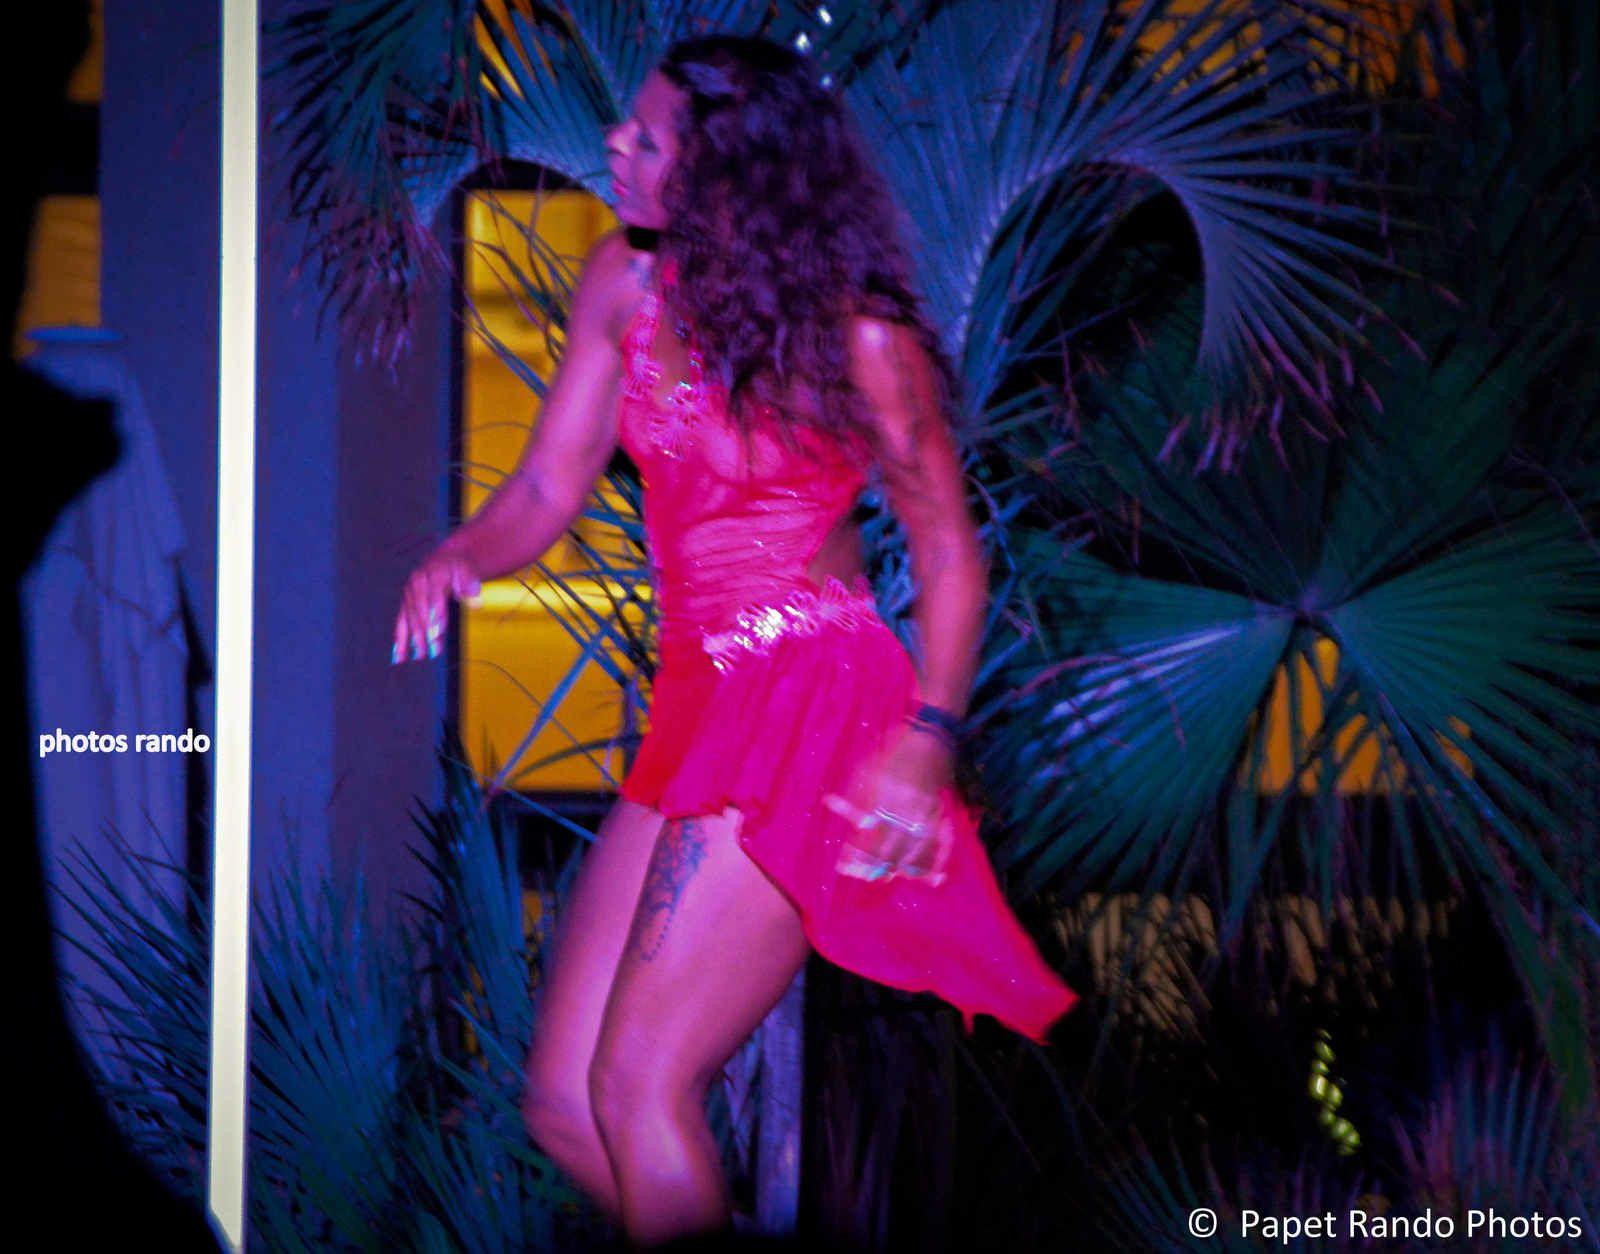 Toujours un vrai plaisir, dans une ambiance Latino & cabaret de Haut niveau